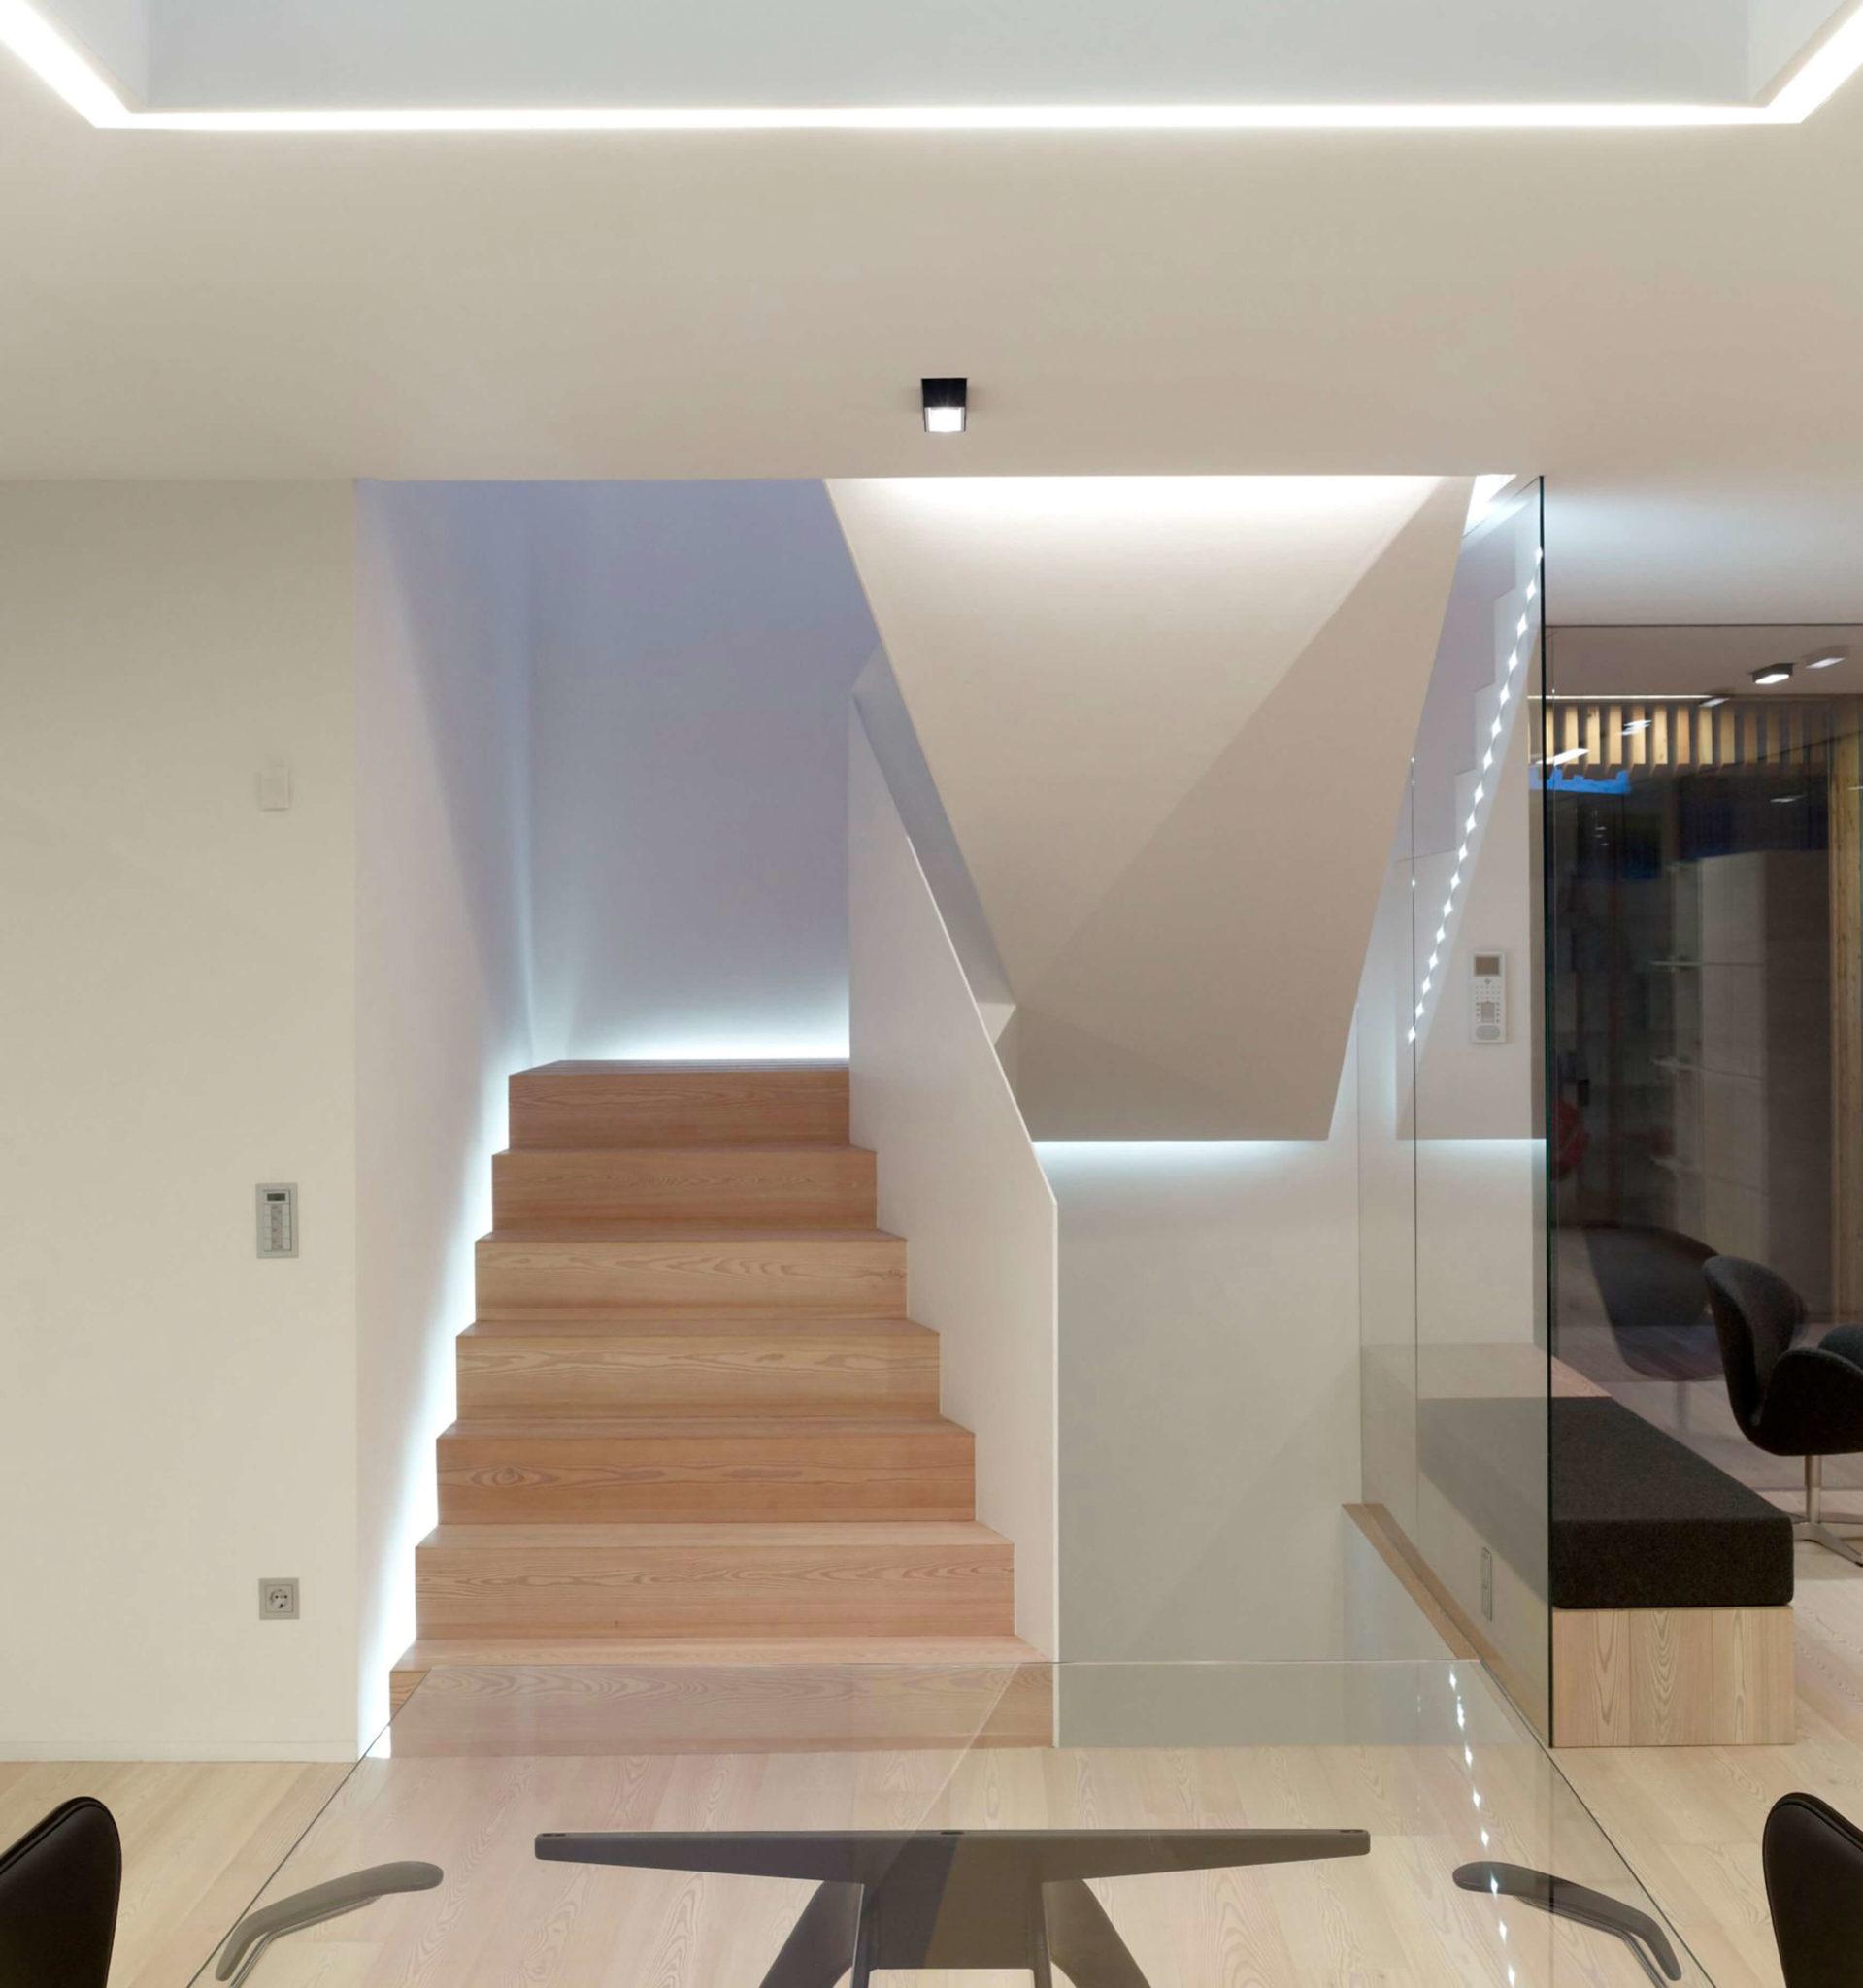 Idee illuminazione interni brillamenti - Idee illuminazione interni ...